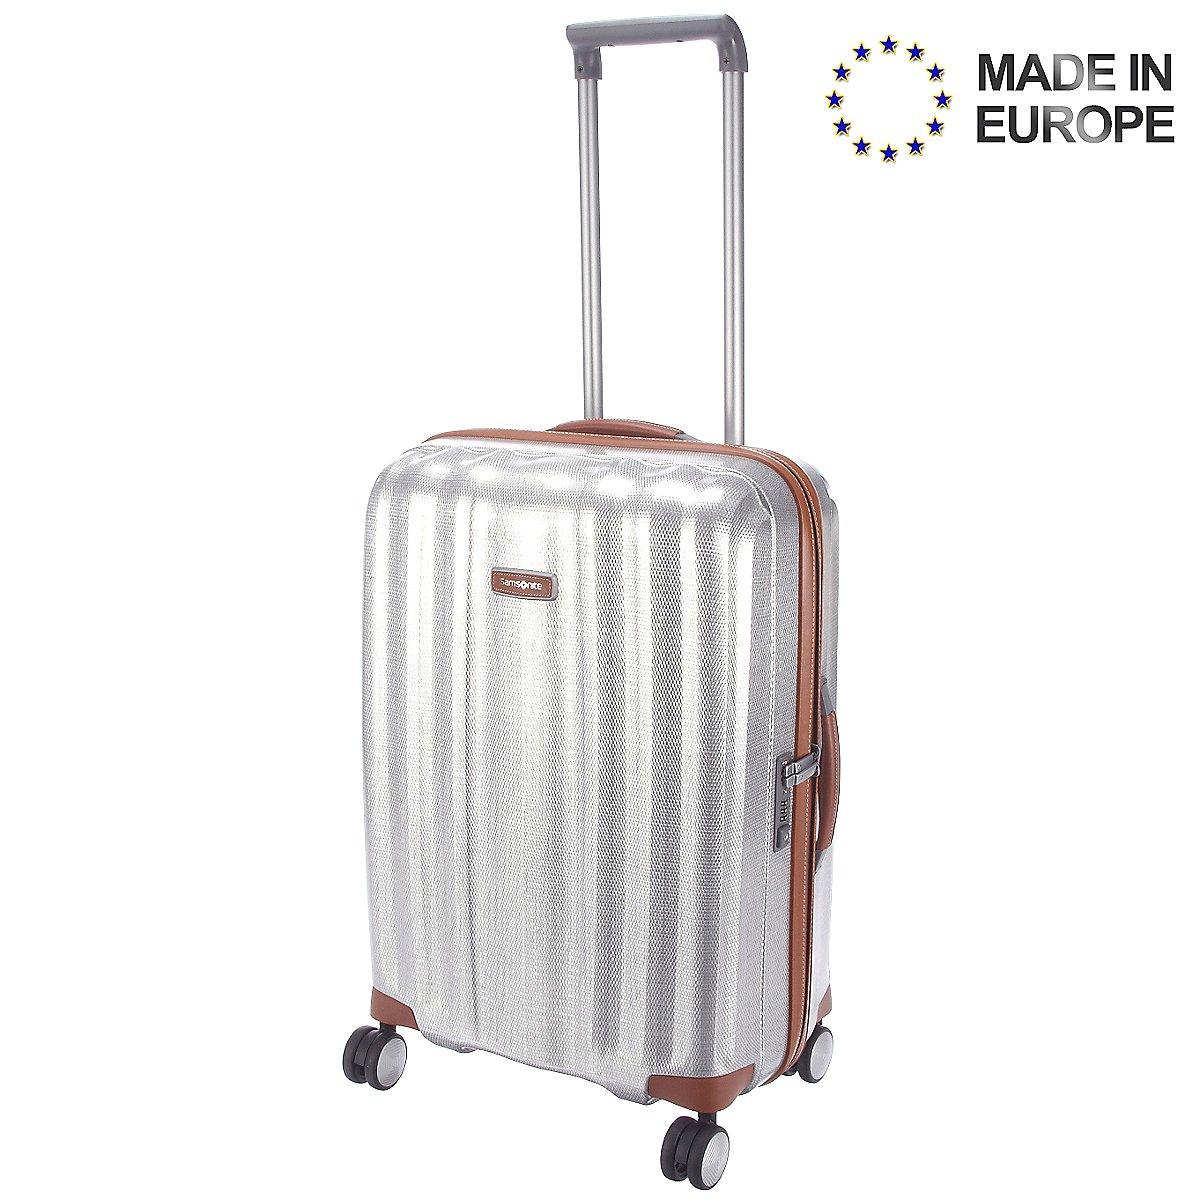 samsonite lite cube dlx 4 rollen trolley 68 cm koffer. Black Bedroom Furniture Sets. Home Design Ideas